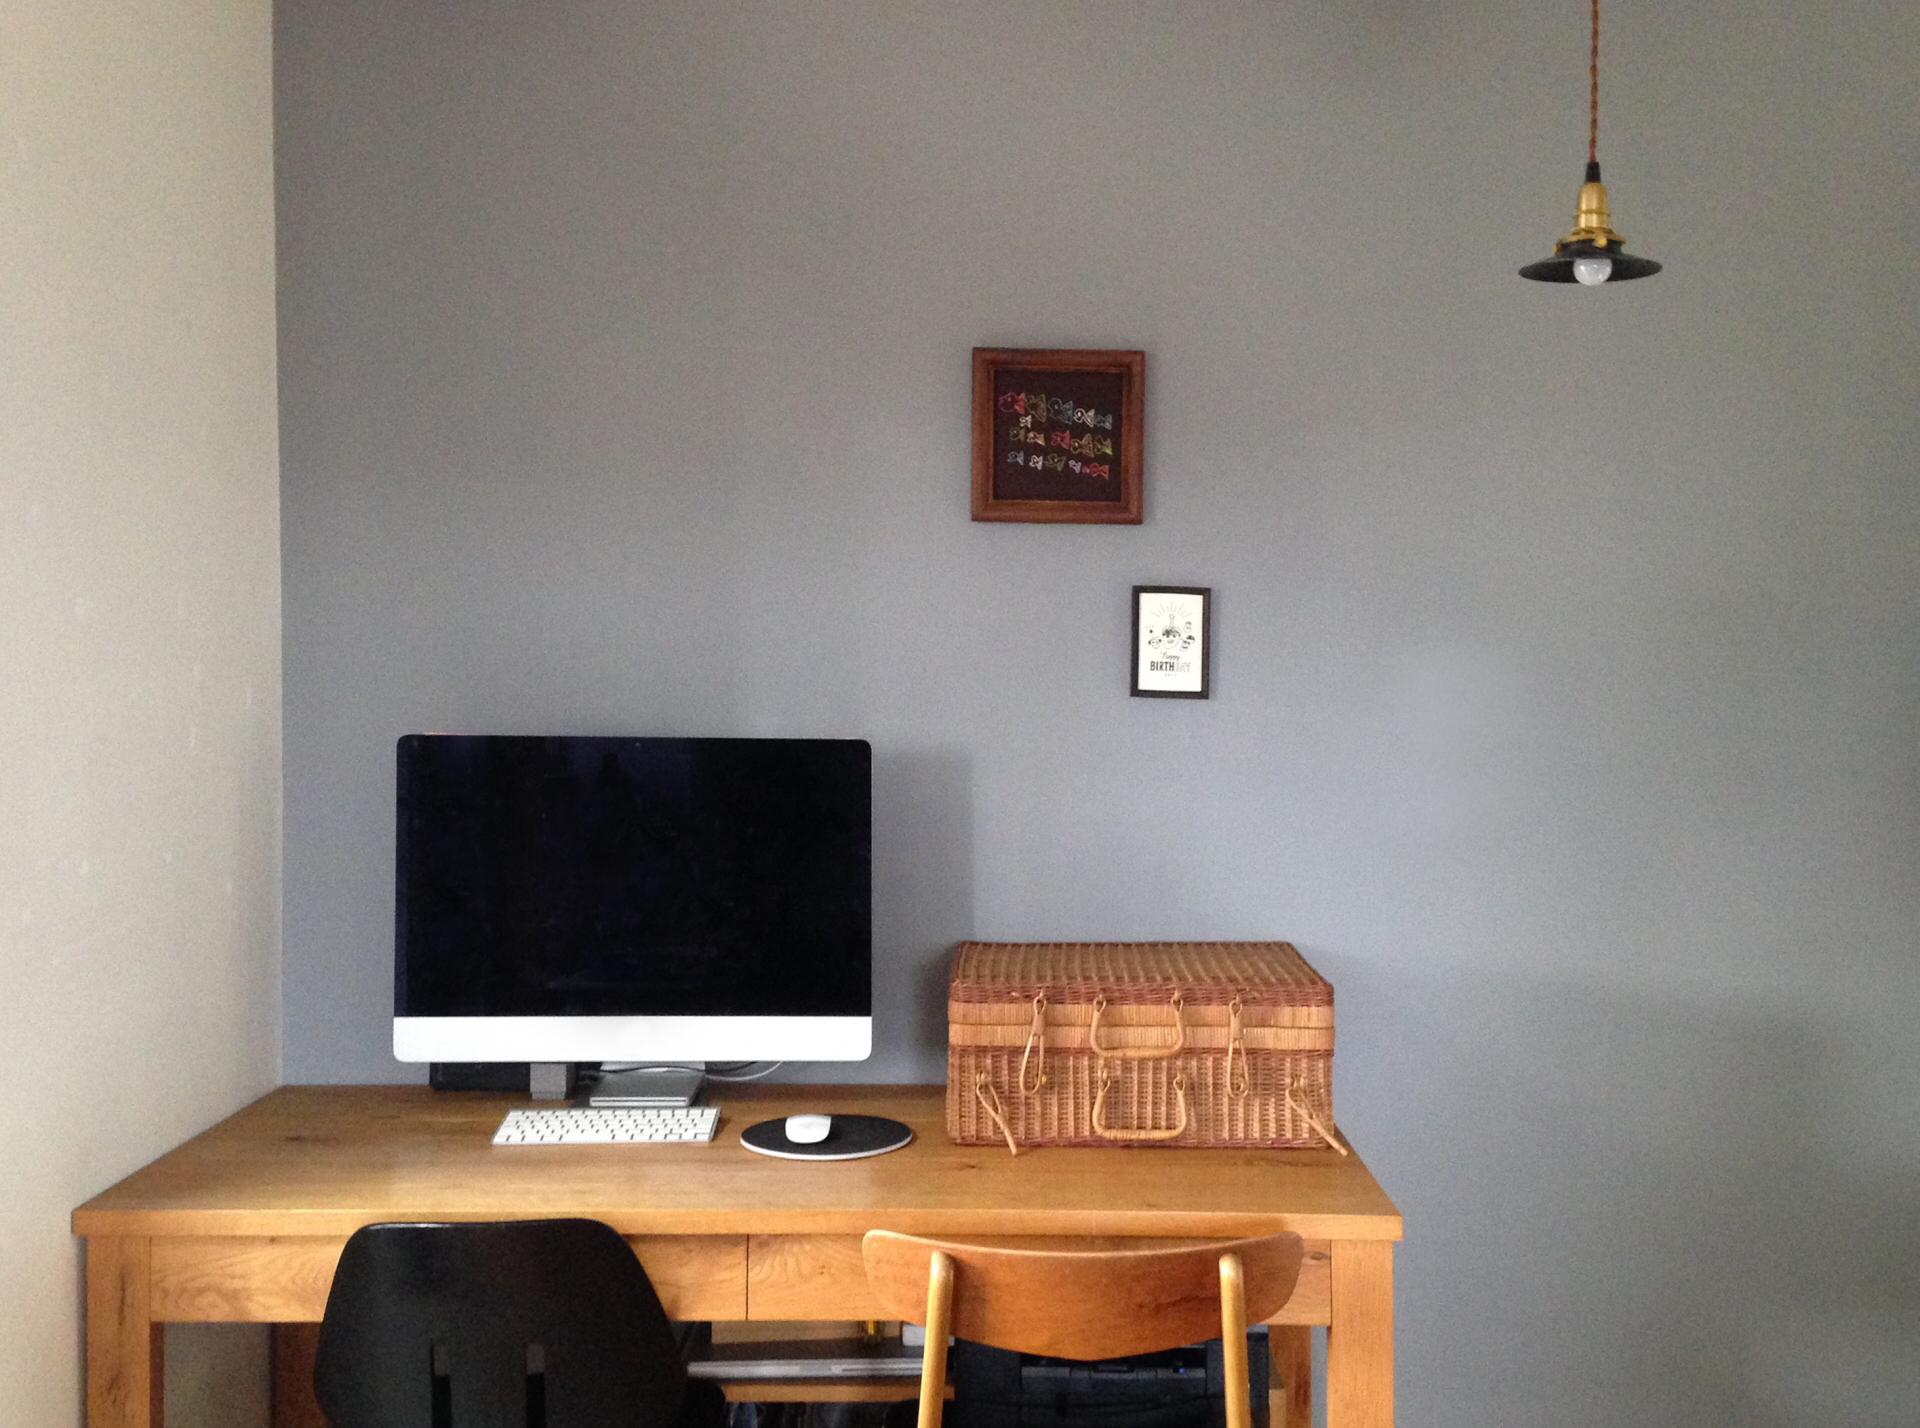 賃貸アパートマンションのリノベで壁紙に迷ったら塗り壁風がオススメ 名古屋の空室対策リフォームは有限会社レトロ デザイン